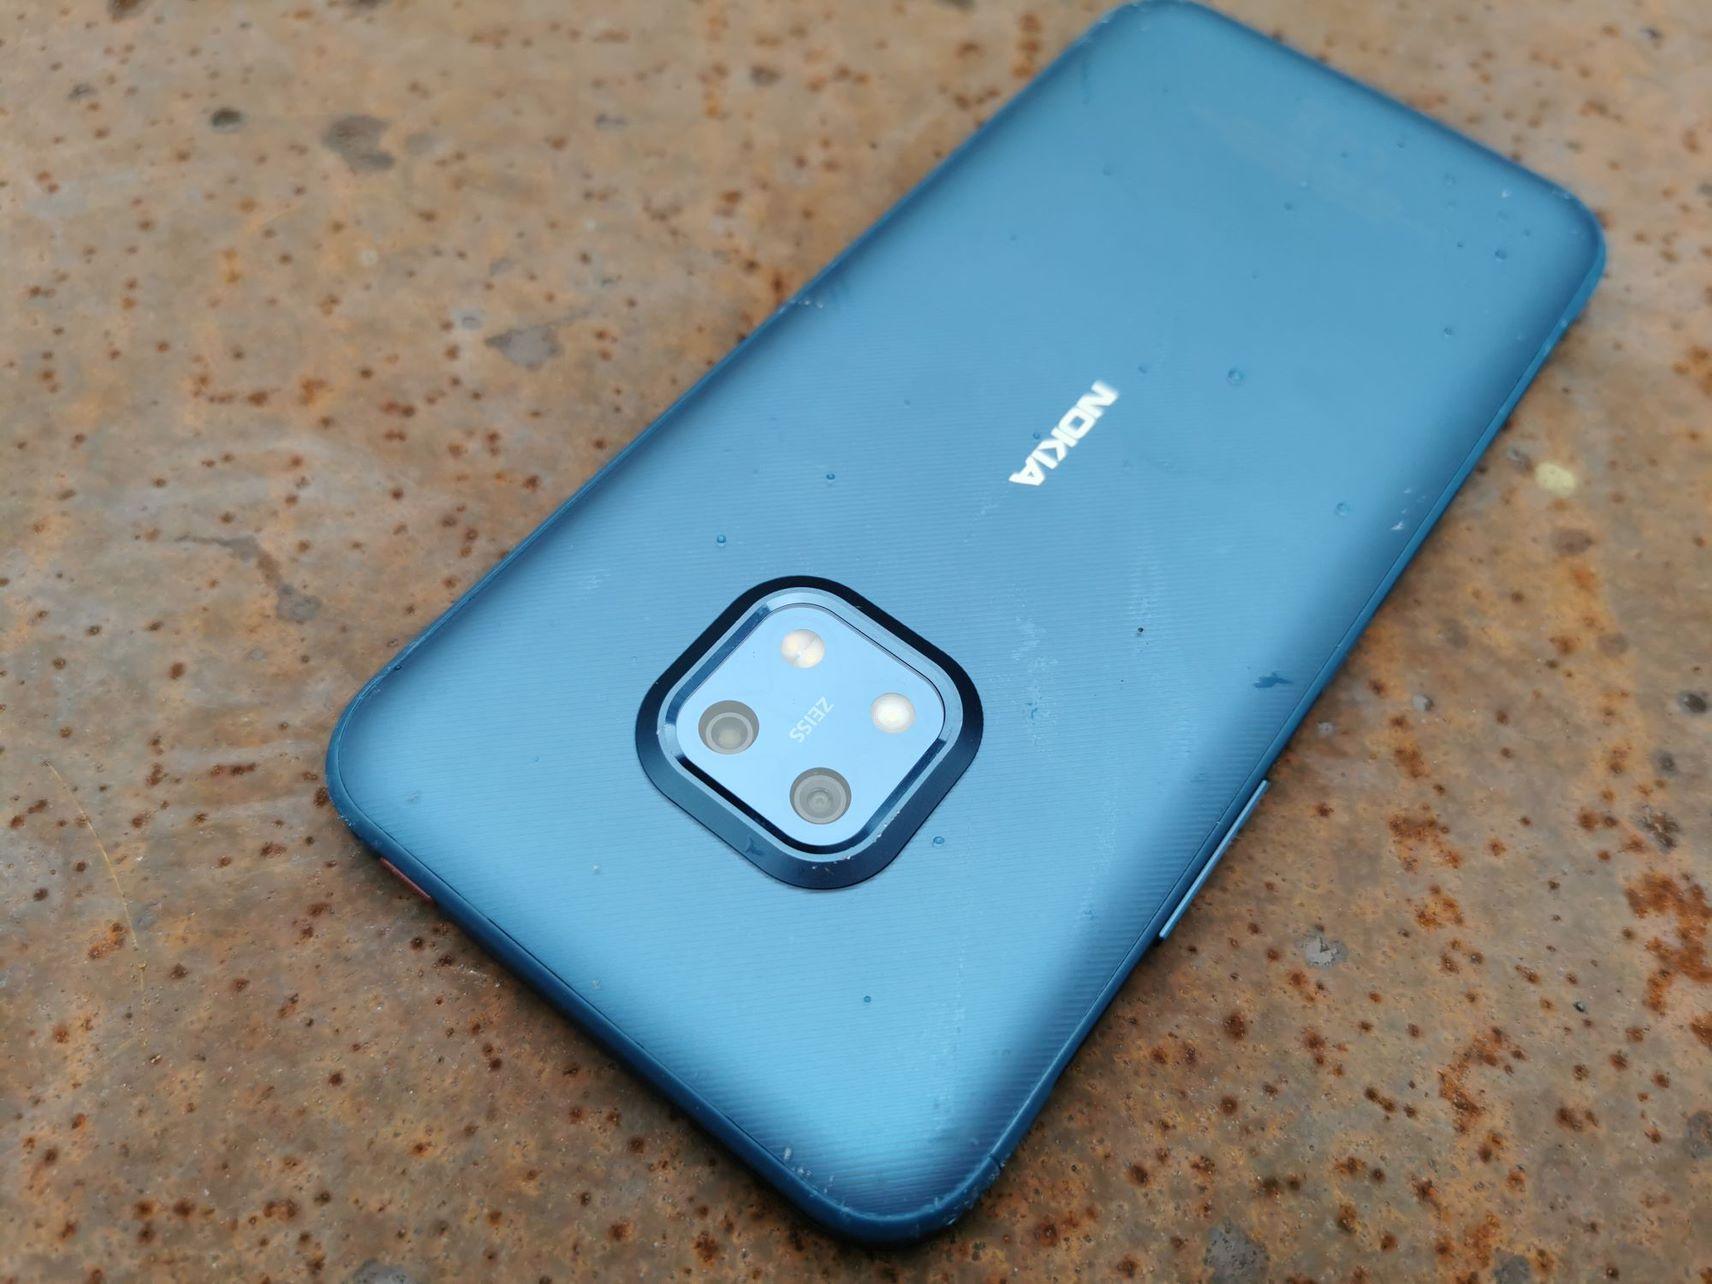 Nokia XR20 – pancerny telefon do osób pracujących w trudnych warunkach